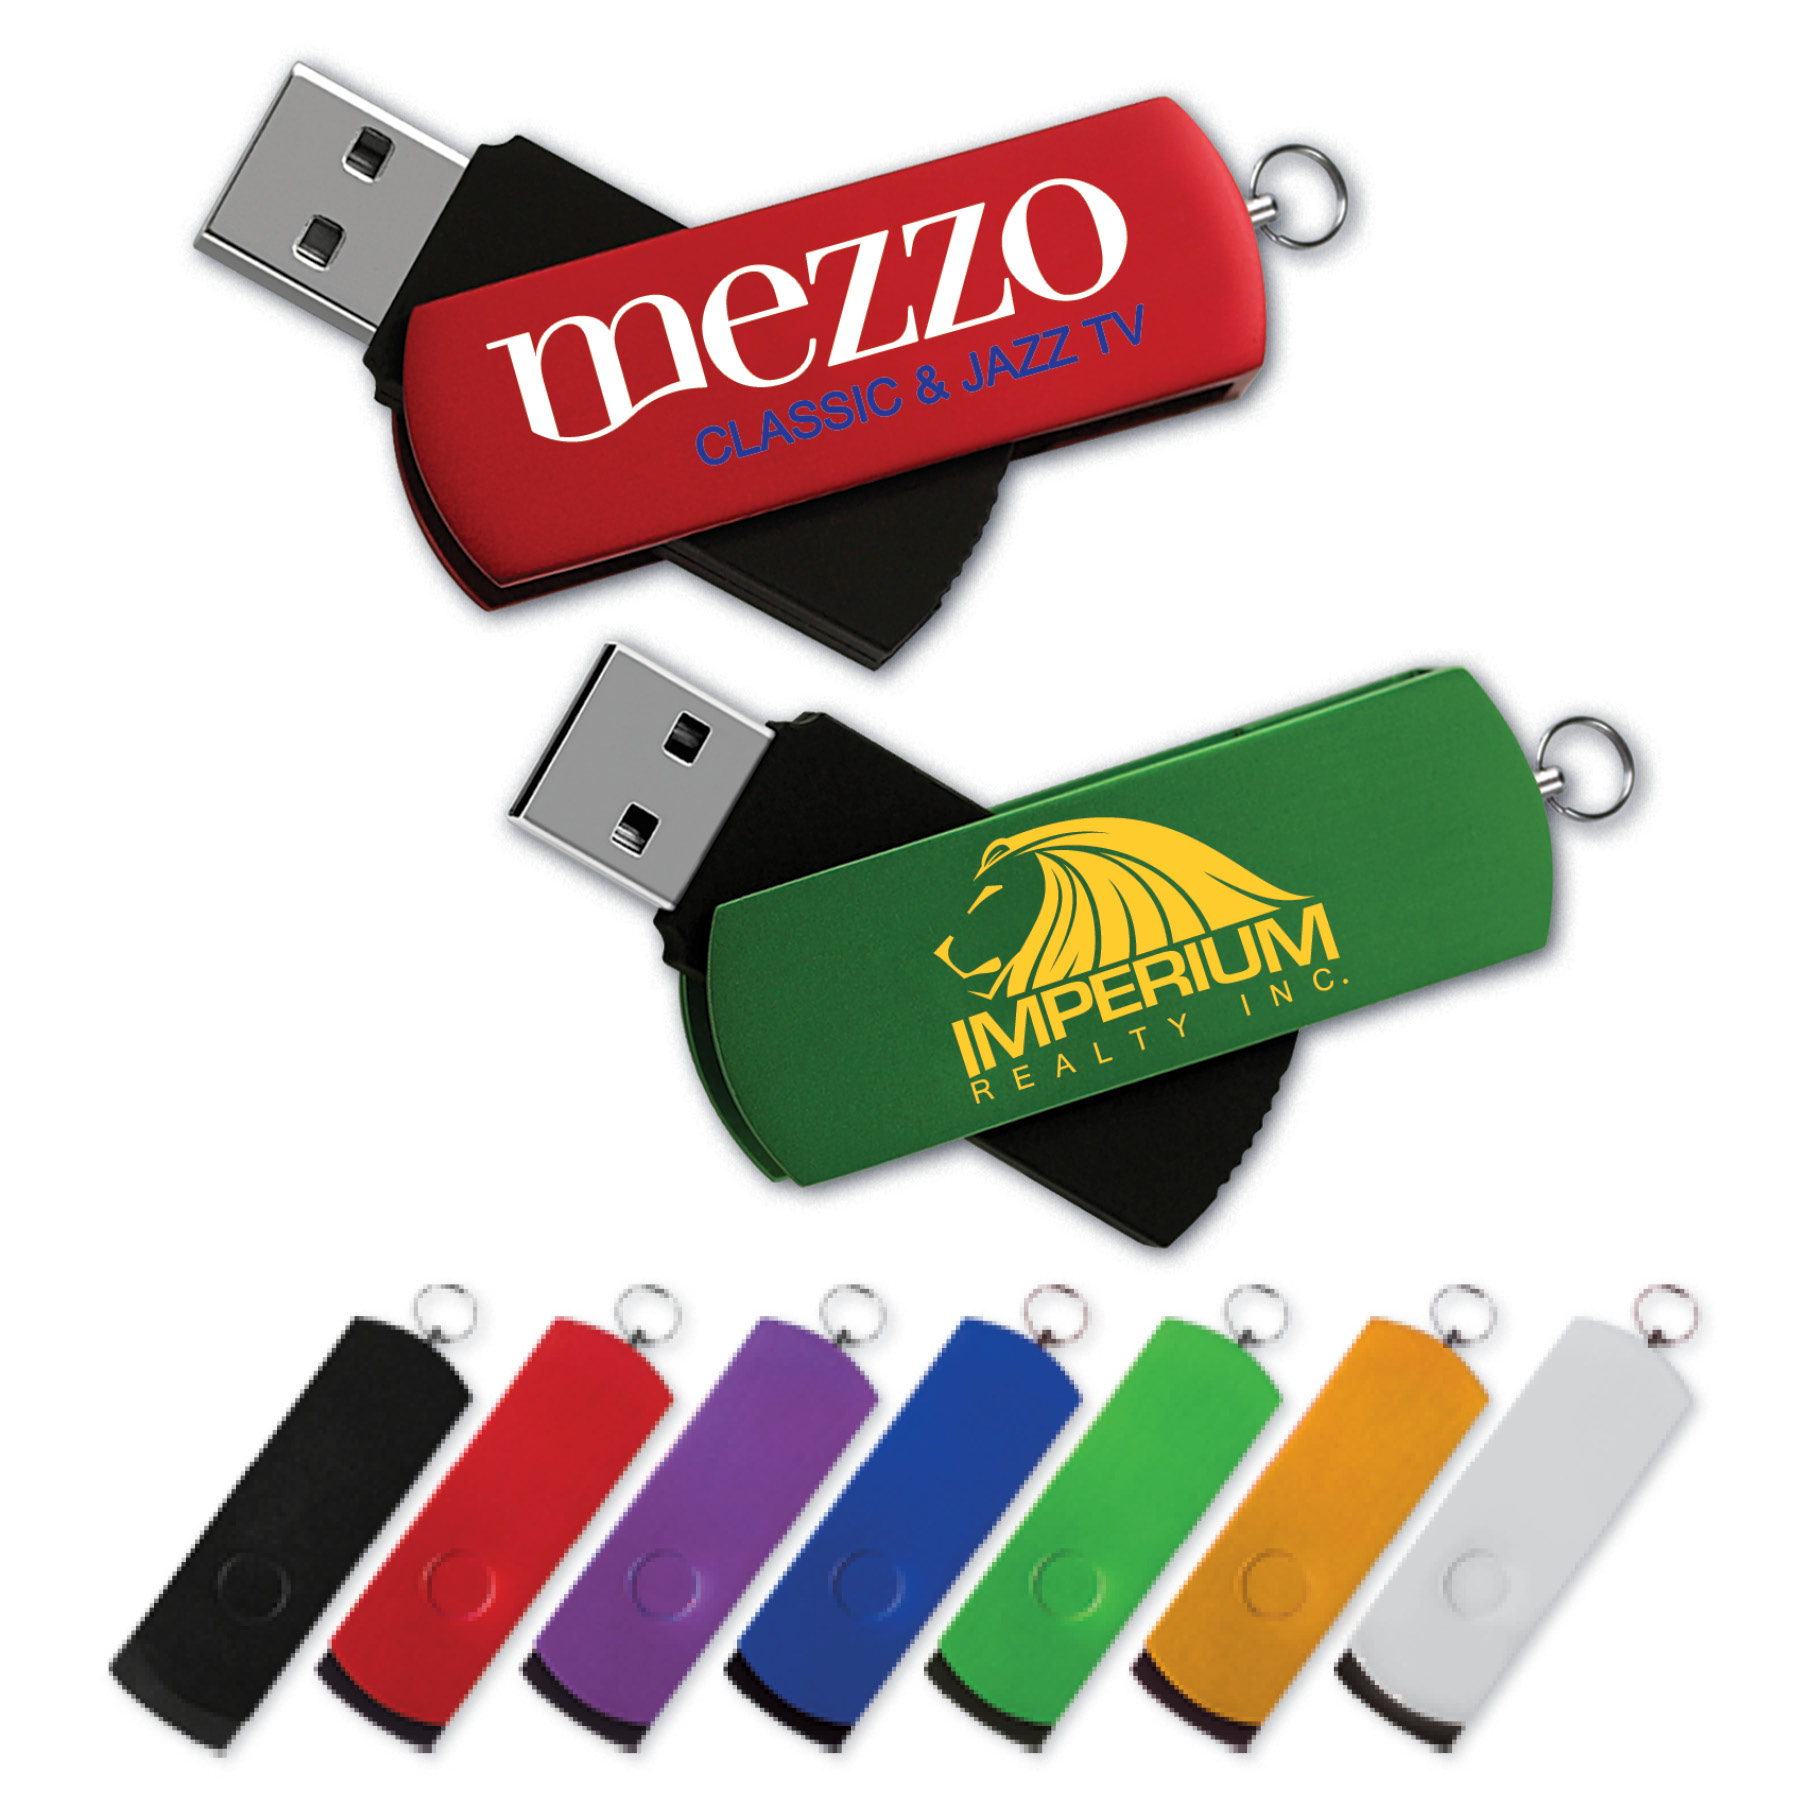 KZAIO-USBSU-1GB